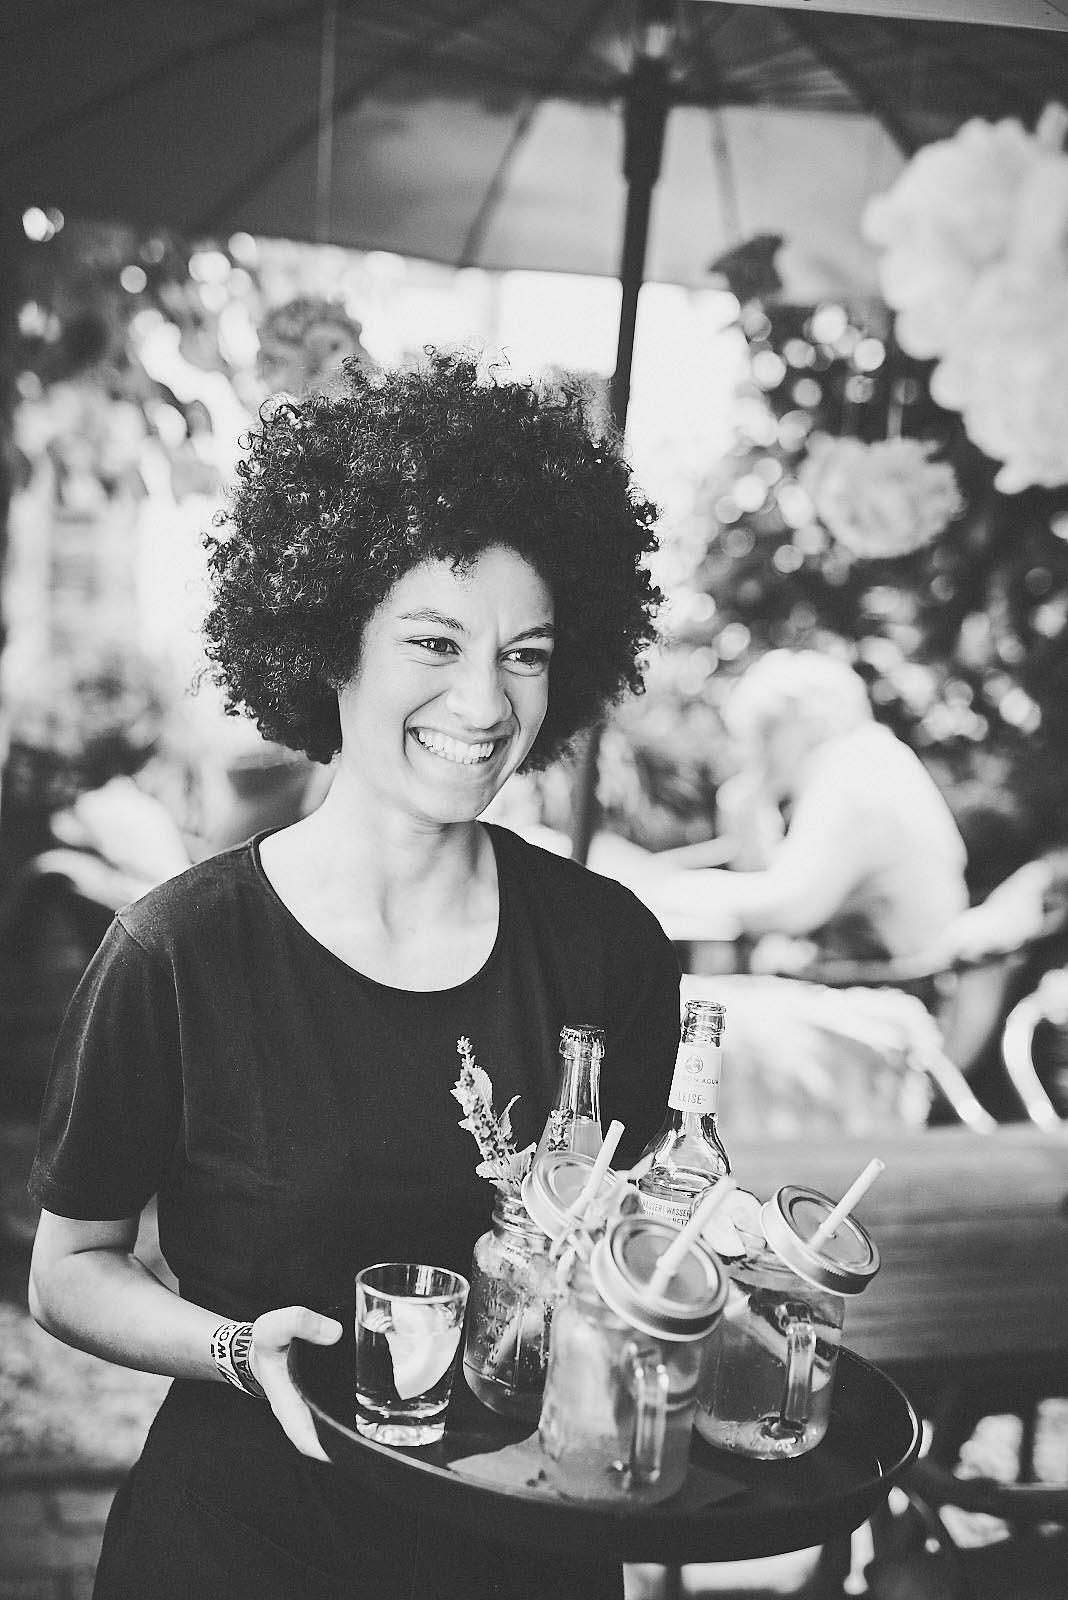 Portraitfoto Kellnerin mit Getränken im Cafe Pfefferminzje in Koblenz - Image-Fotografie von Anna Schneider neon fotografie